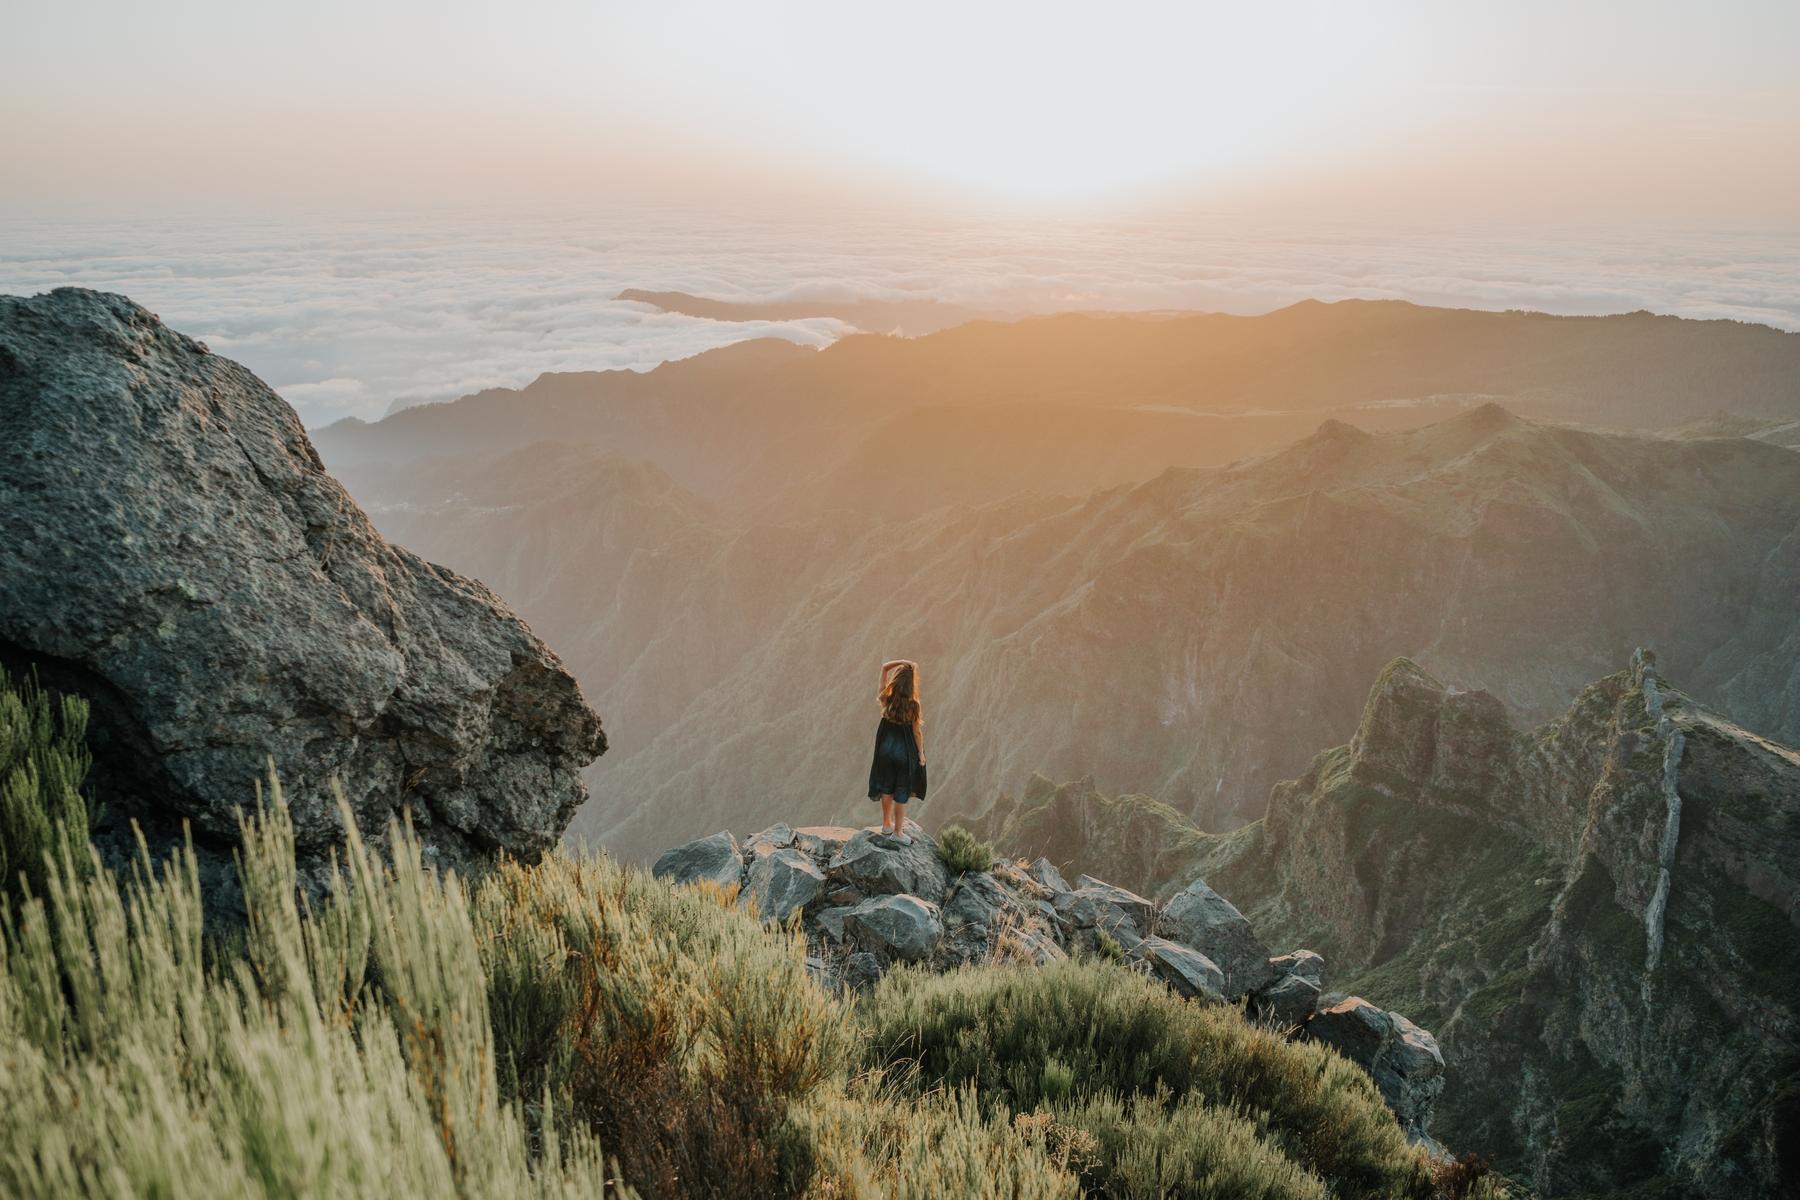 Frau bestaunt die Aussicht auf einer Wanderung während ihrer Soloreise.